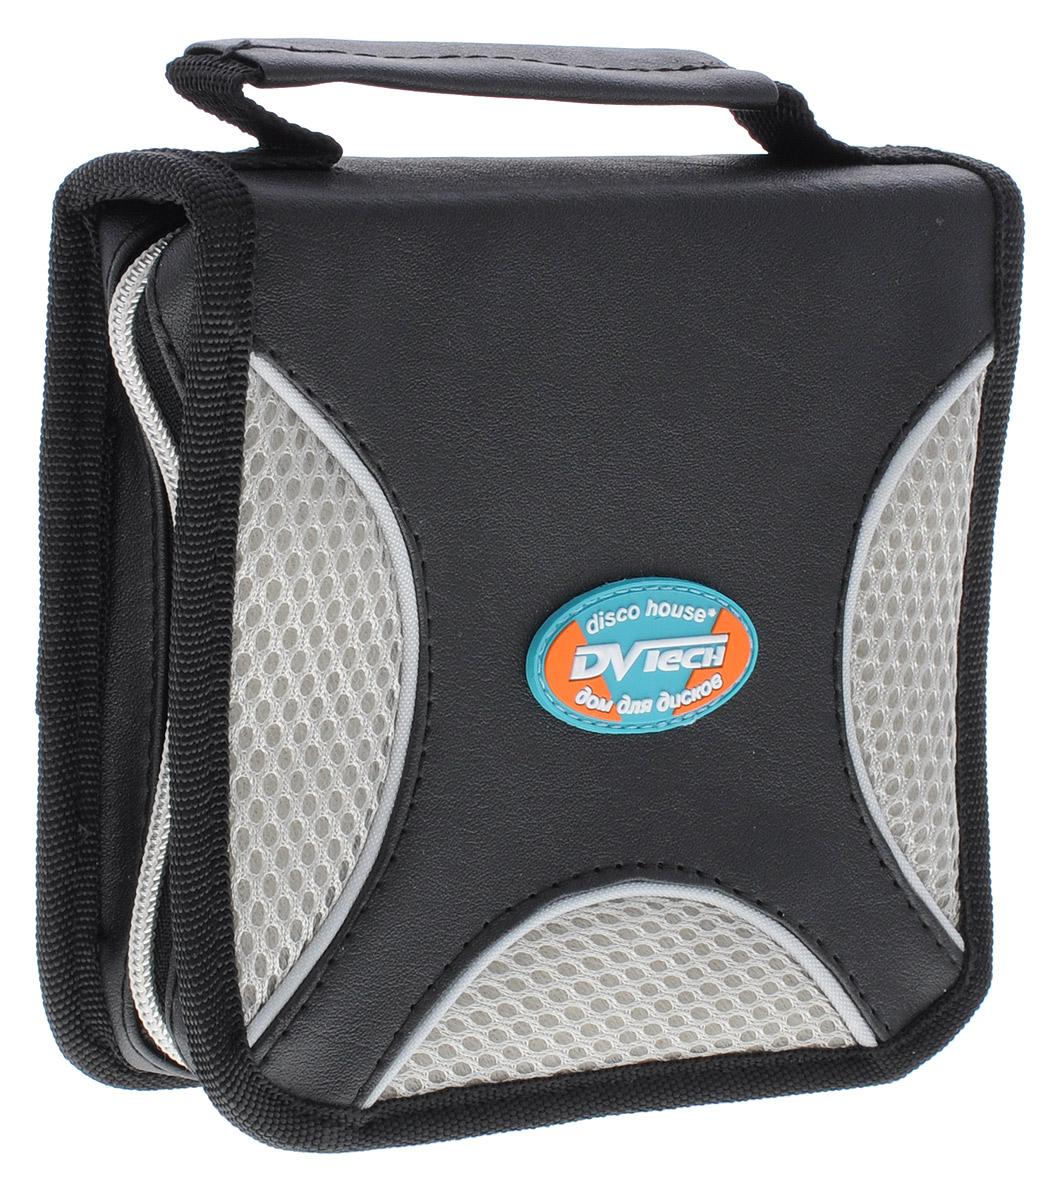 DVTech WFD-36 сумка для хранения дисков6904860991697DVTech WFD-36 - надежная сумка для хранения 36 дисков. Изделие изготовлено из качественного комбинированного материала (искусственная кожа и синтетика). Отлично подойдет для хранения вашей коллекции музыки, программ или фильмов на CD или DVD.